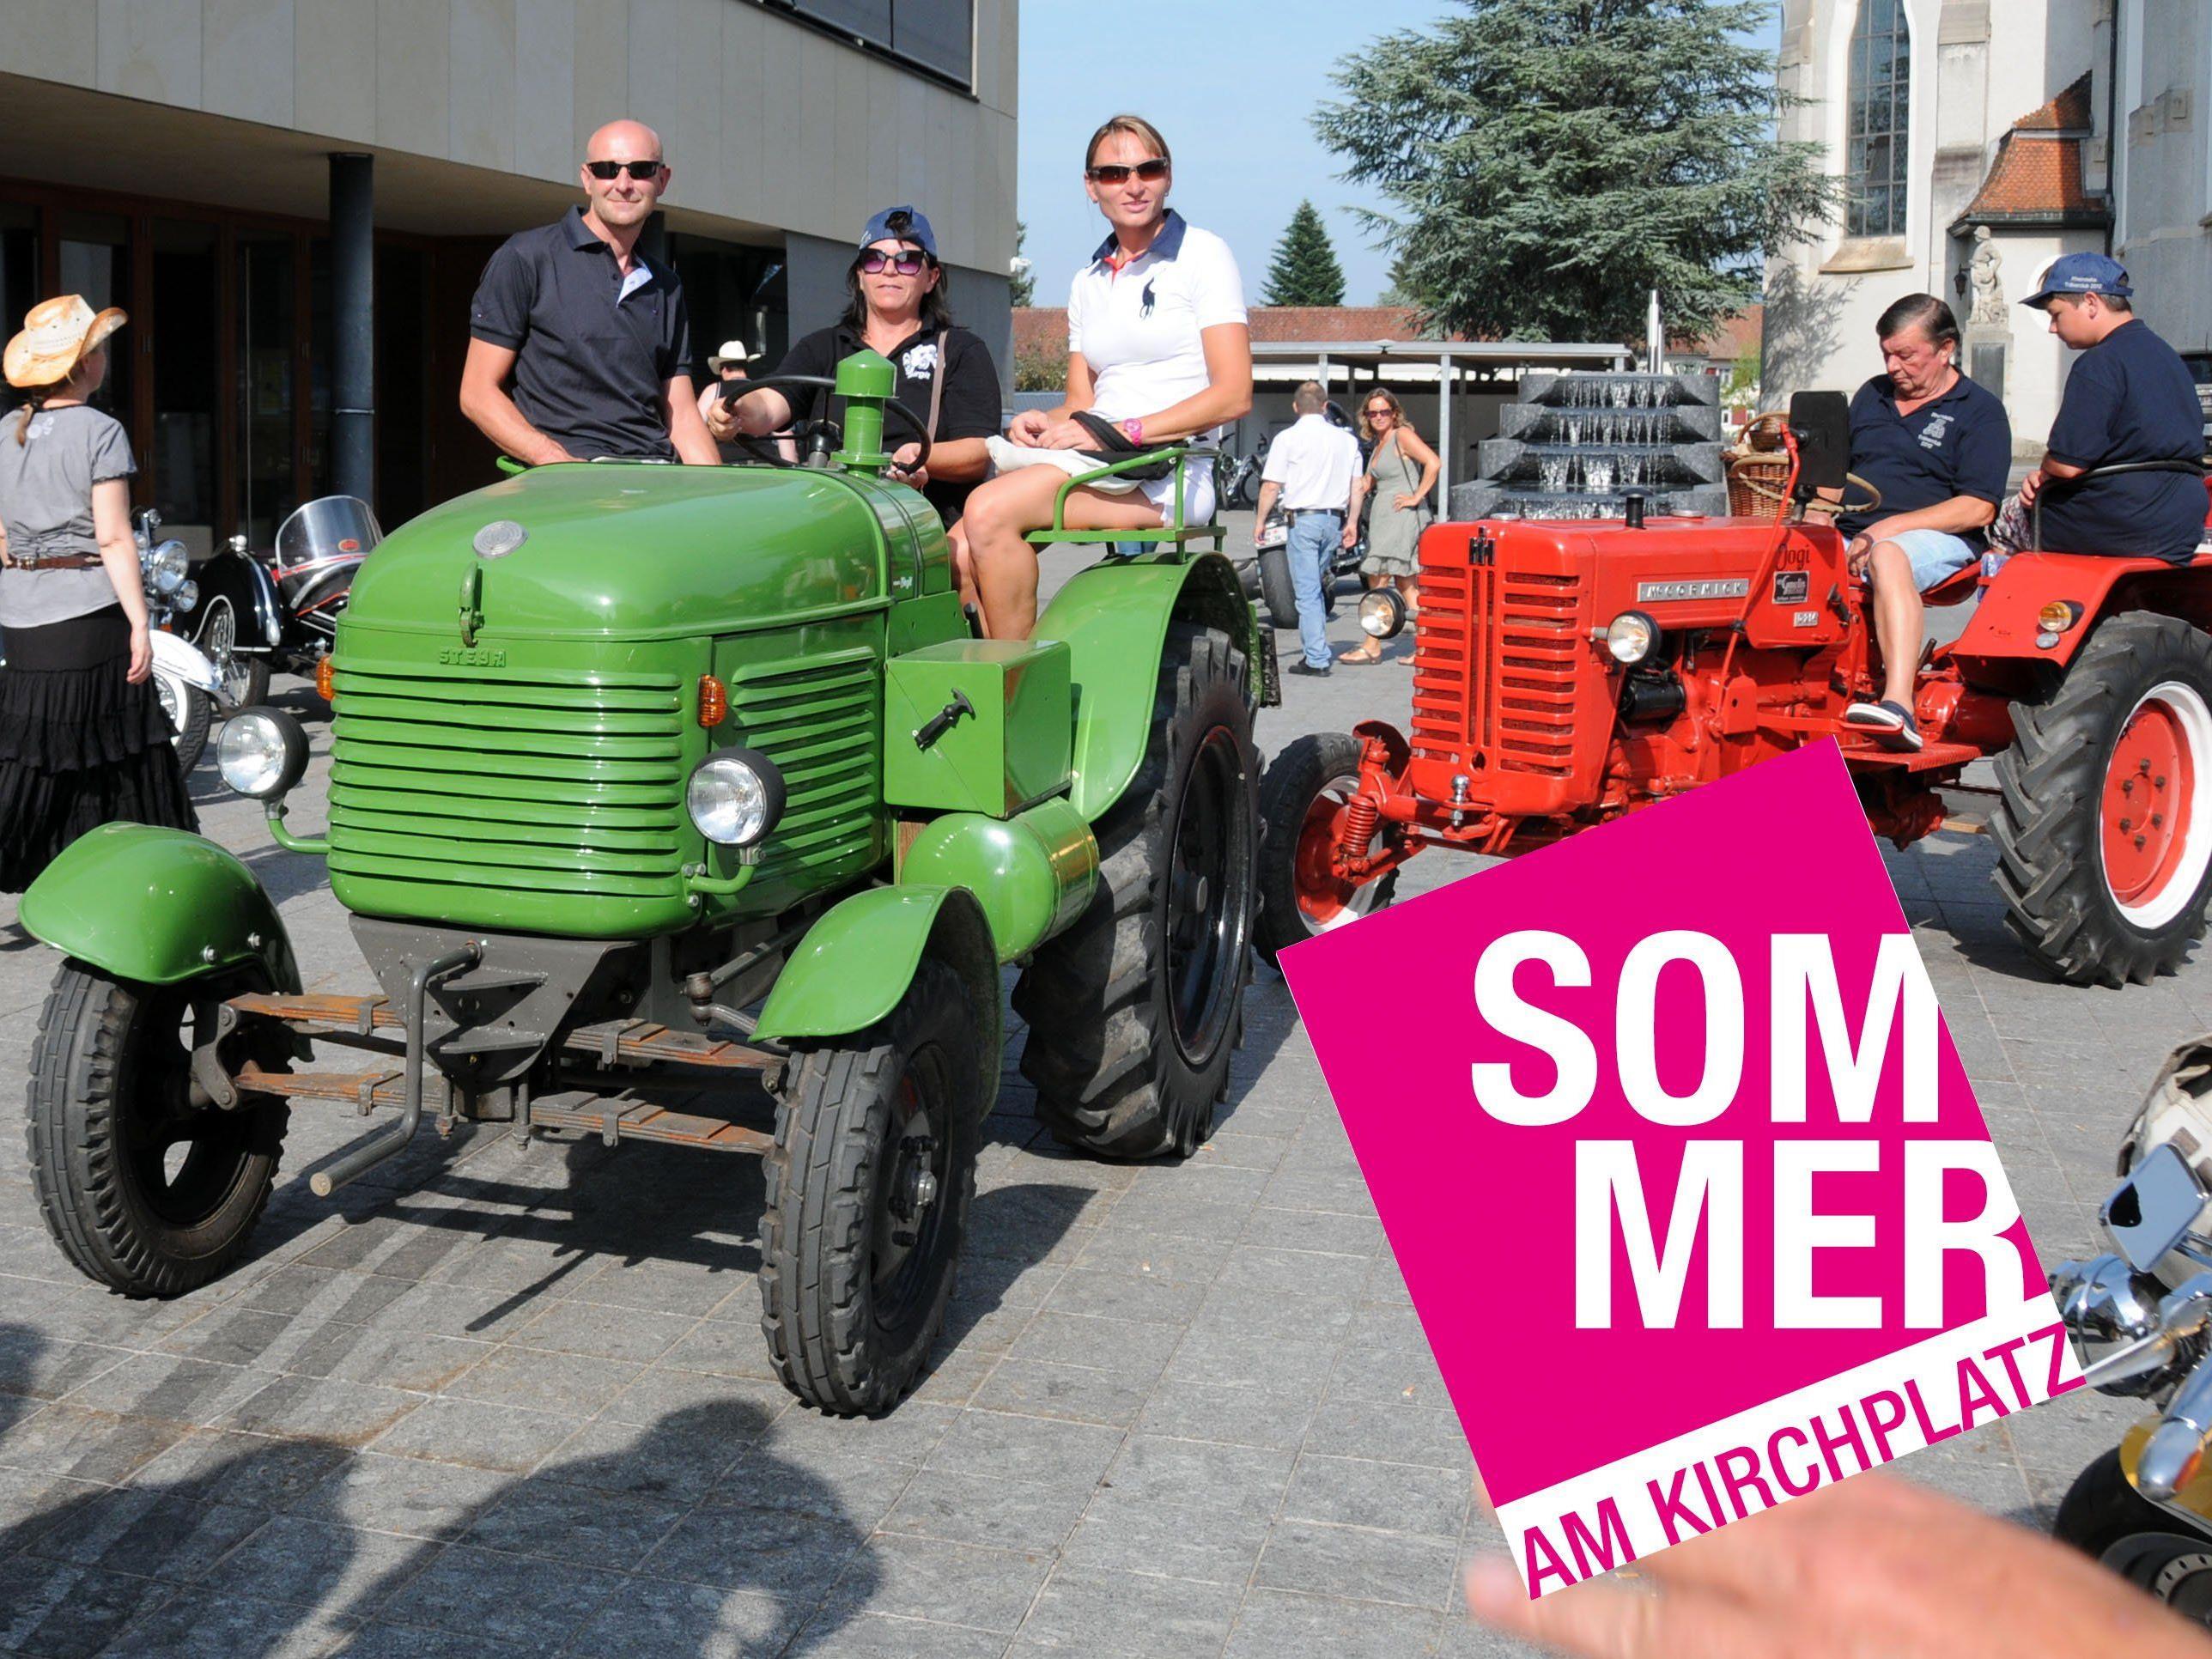 """Am 18. Juli rollen in Höchst im Rahmen der Reihe """"Sommer am Kirchplatz"""" Traktoren auf."""